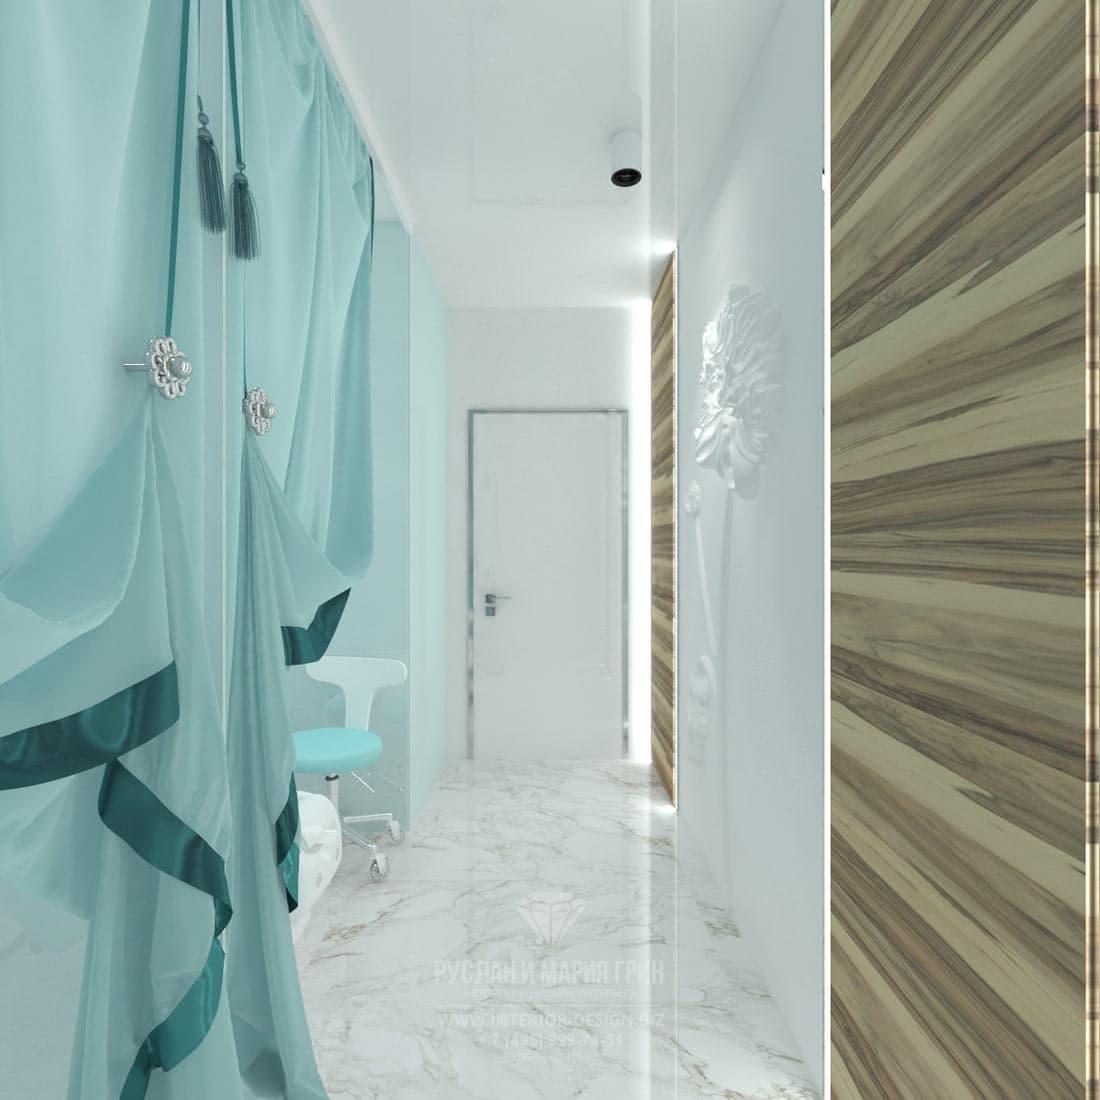 Дизайн интерьера современного салона красоты. Кабинет педикюра